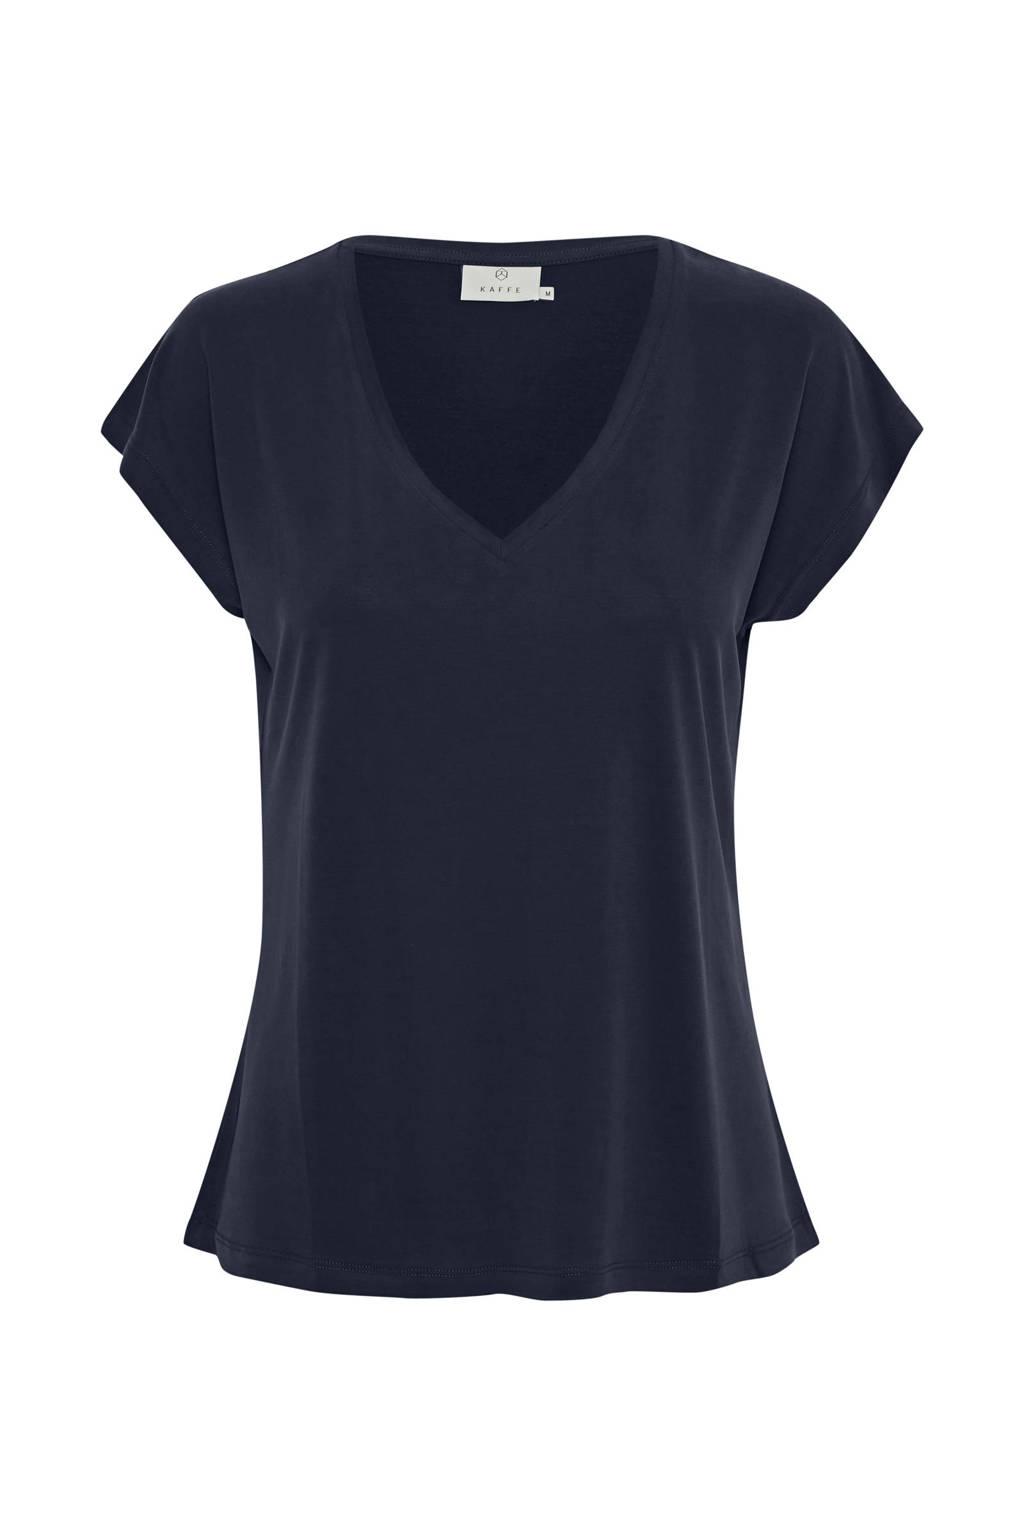 Kaffe T-shirt Ana donkerblauw, Donkerblauw